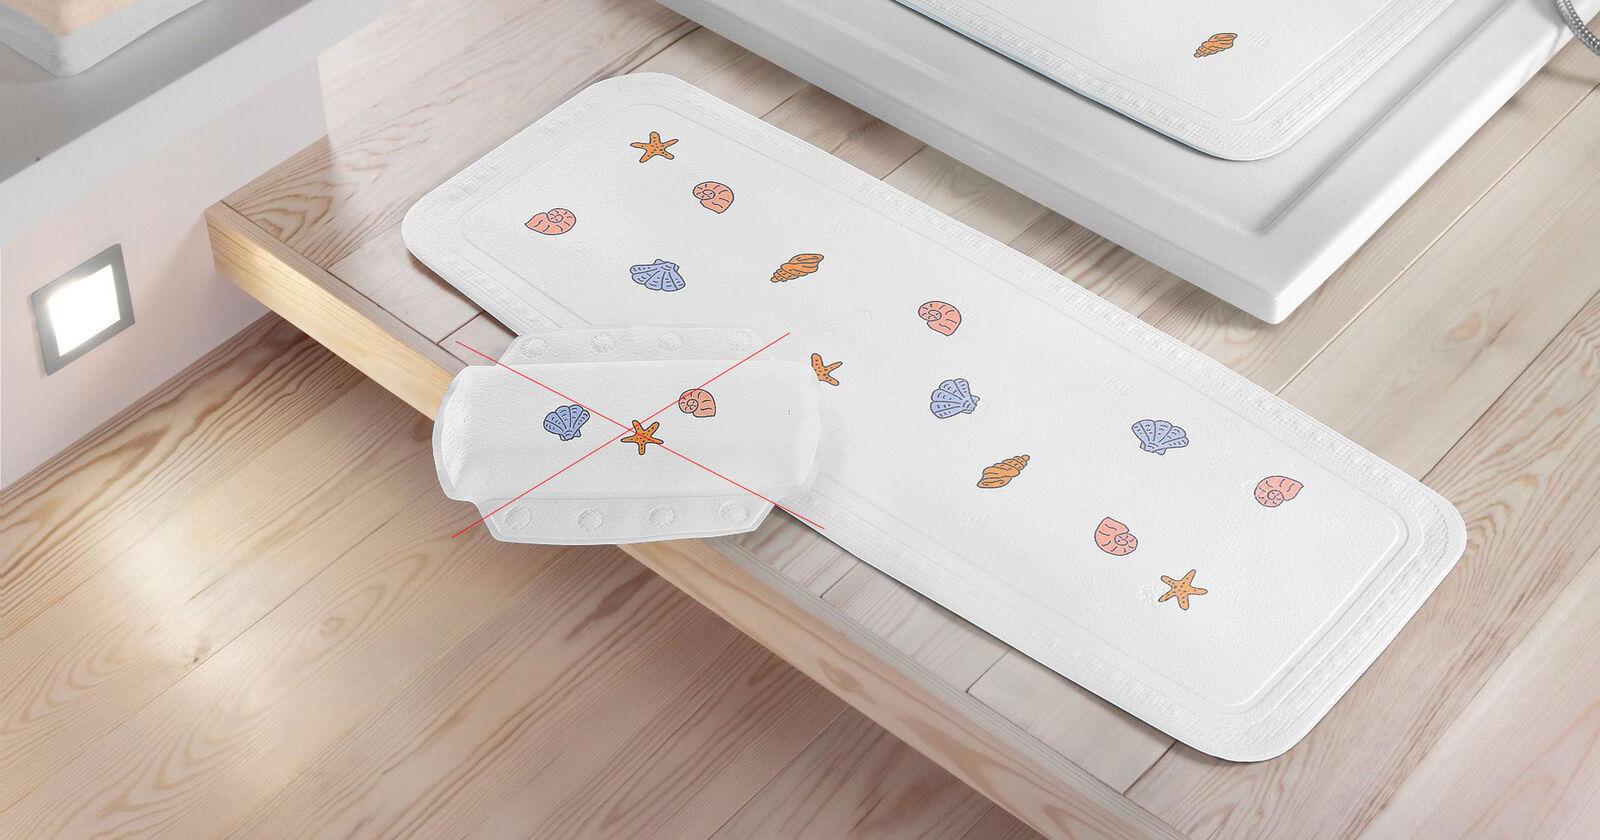 wanneneinlage einlage badewanne anti rutsch teppich beach uvp 21 99 7240279 kaufen bei felis. Black Bedroom Furniture Sets. Home Design Ideas